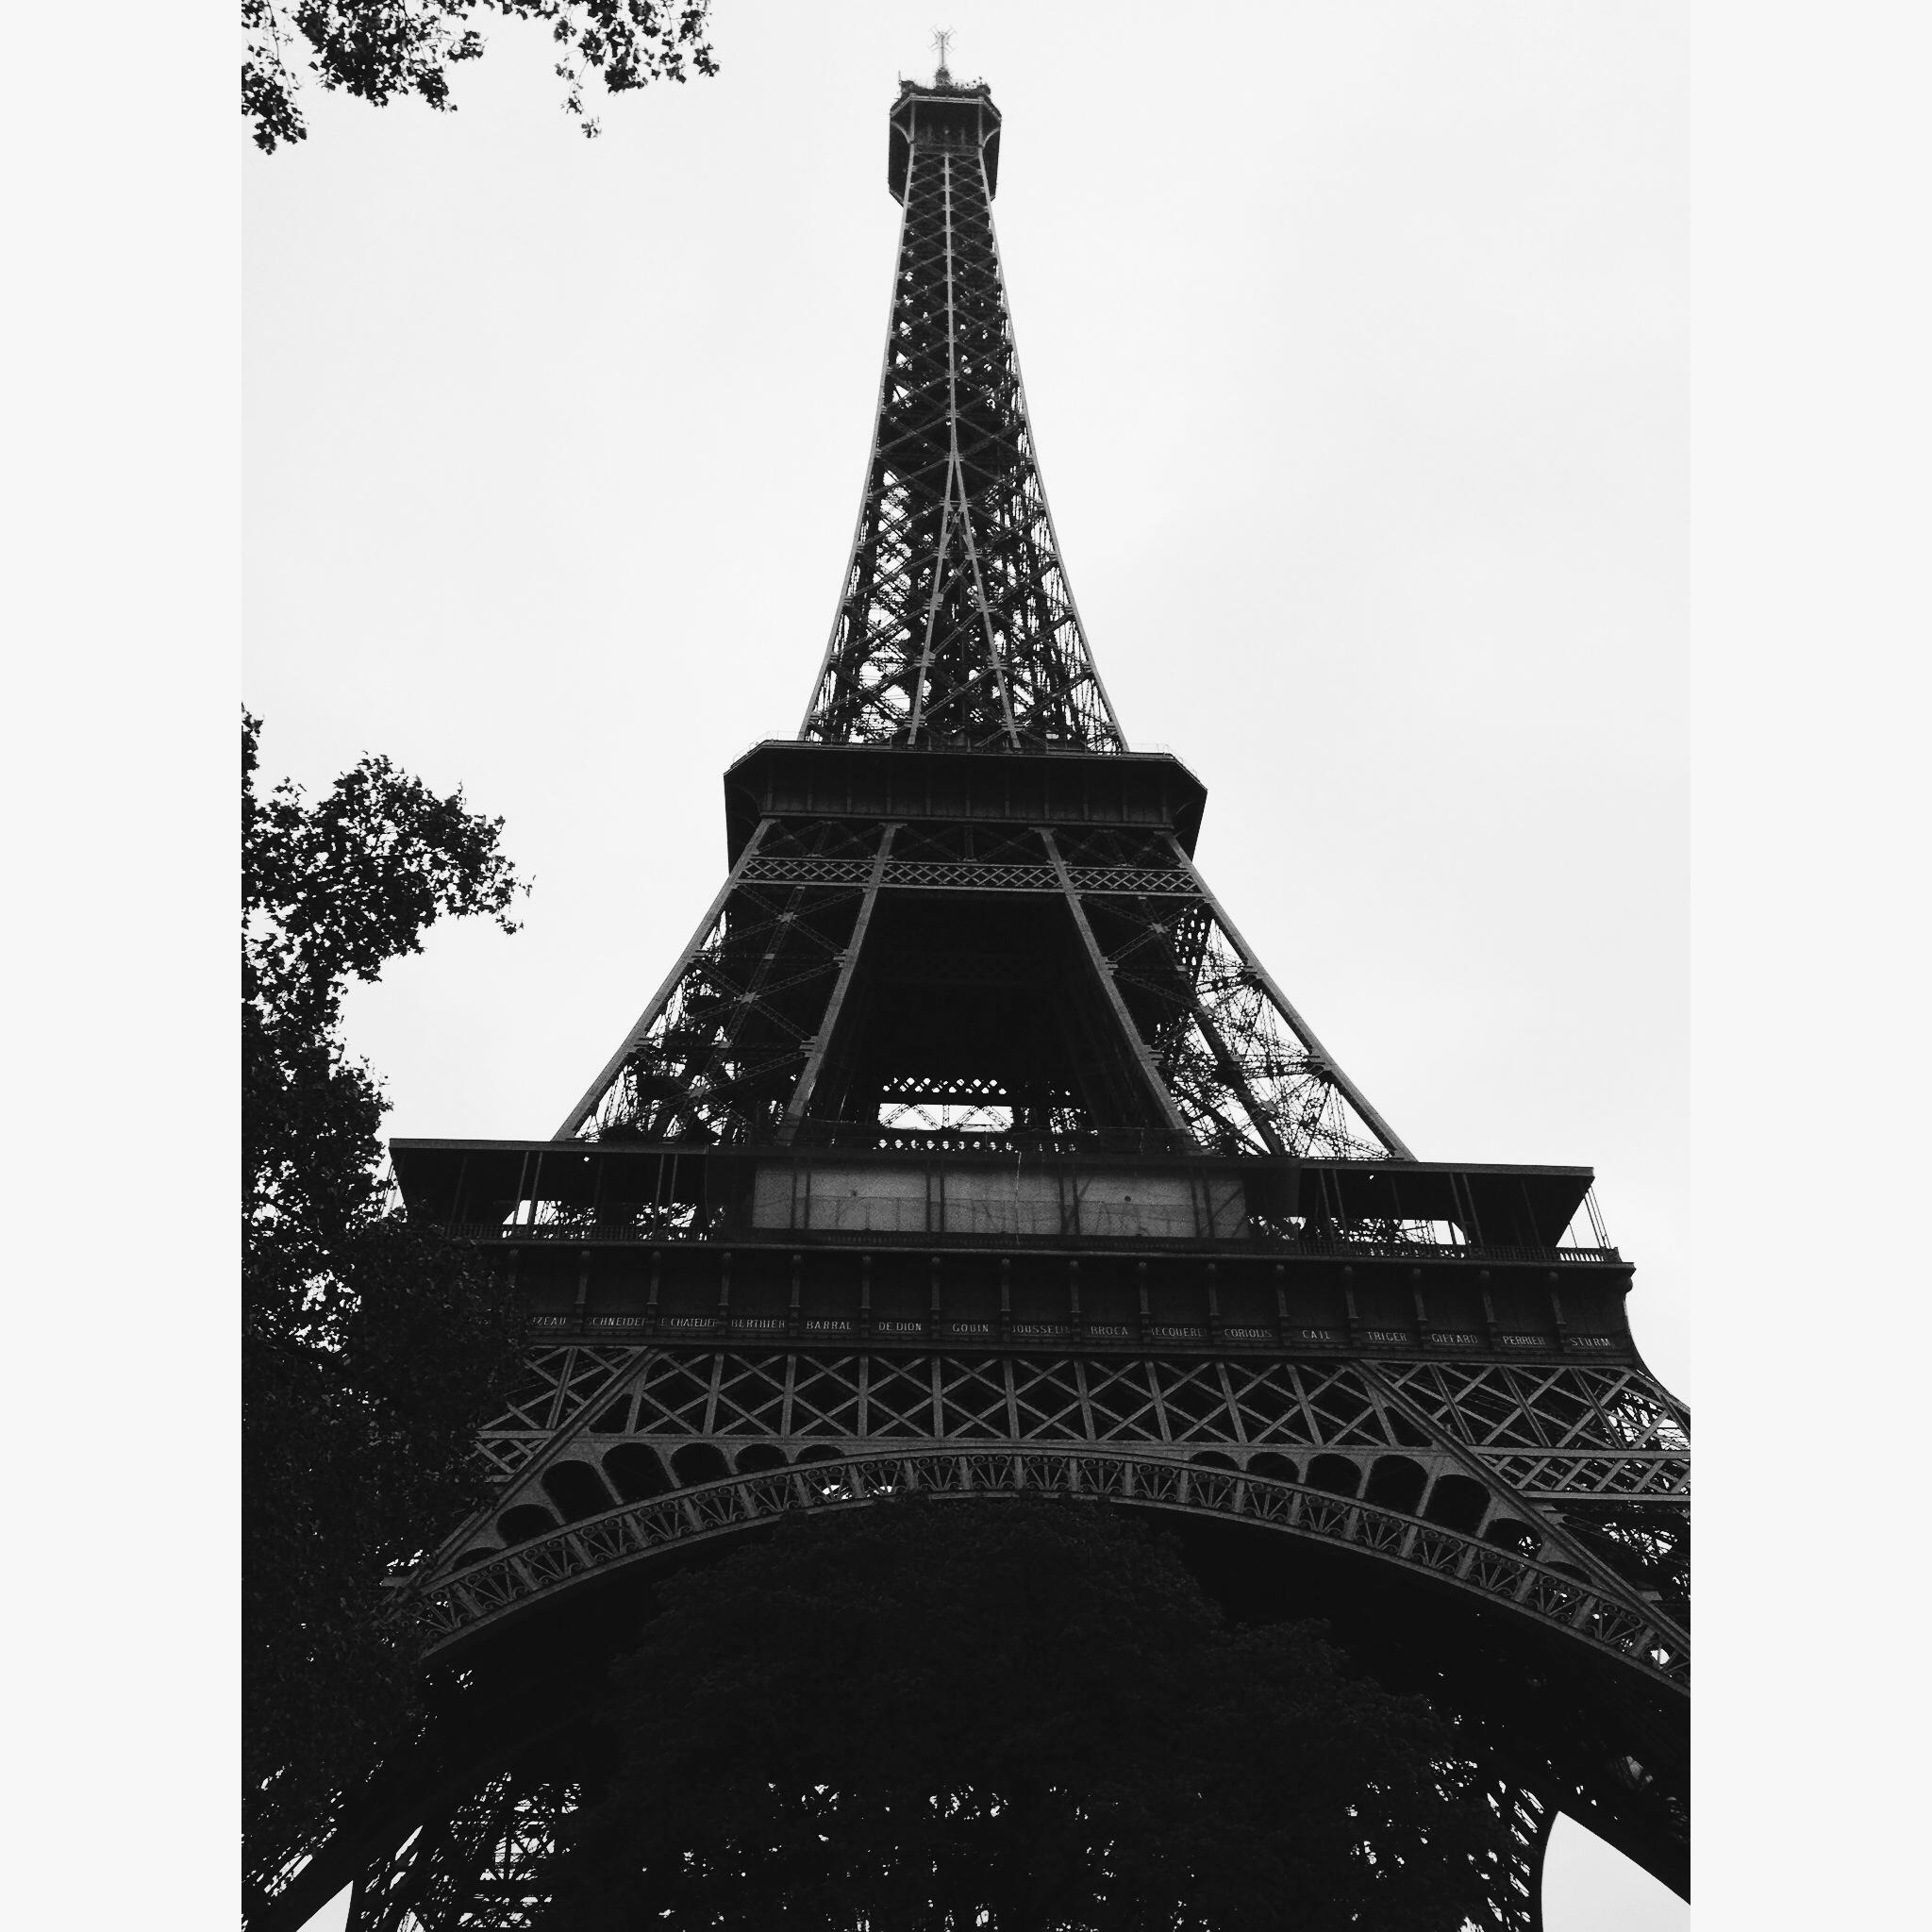 EiffelTowerBlackandWhite.JPG